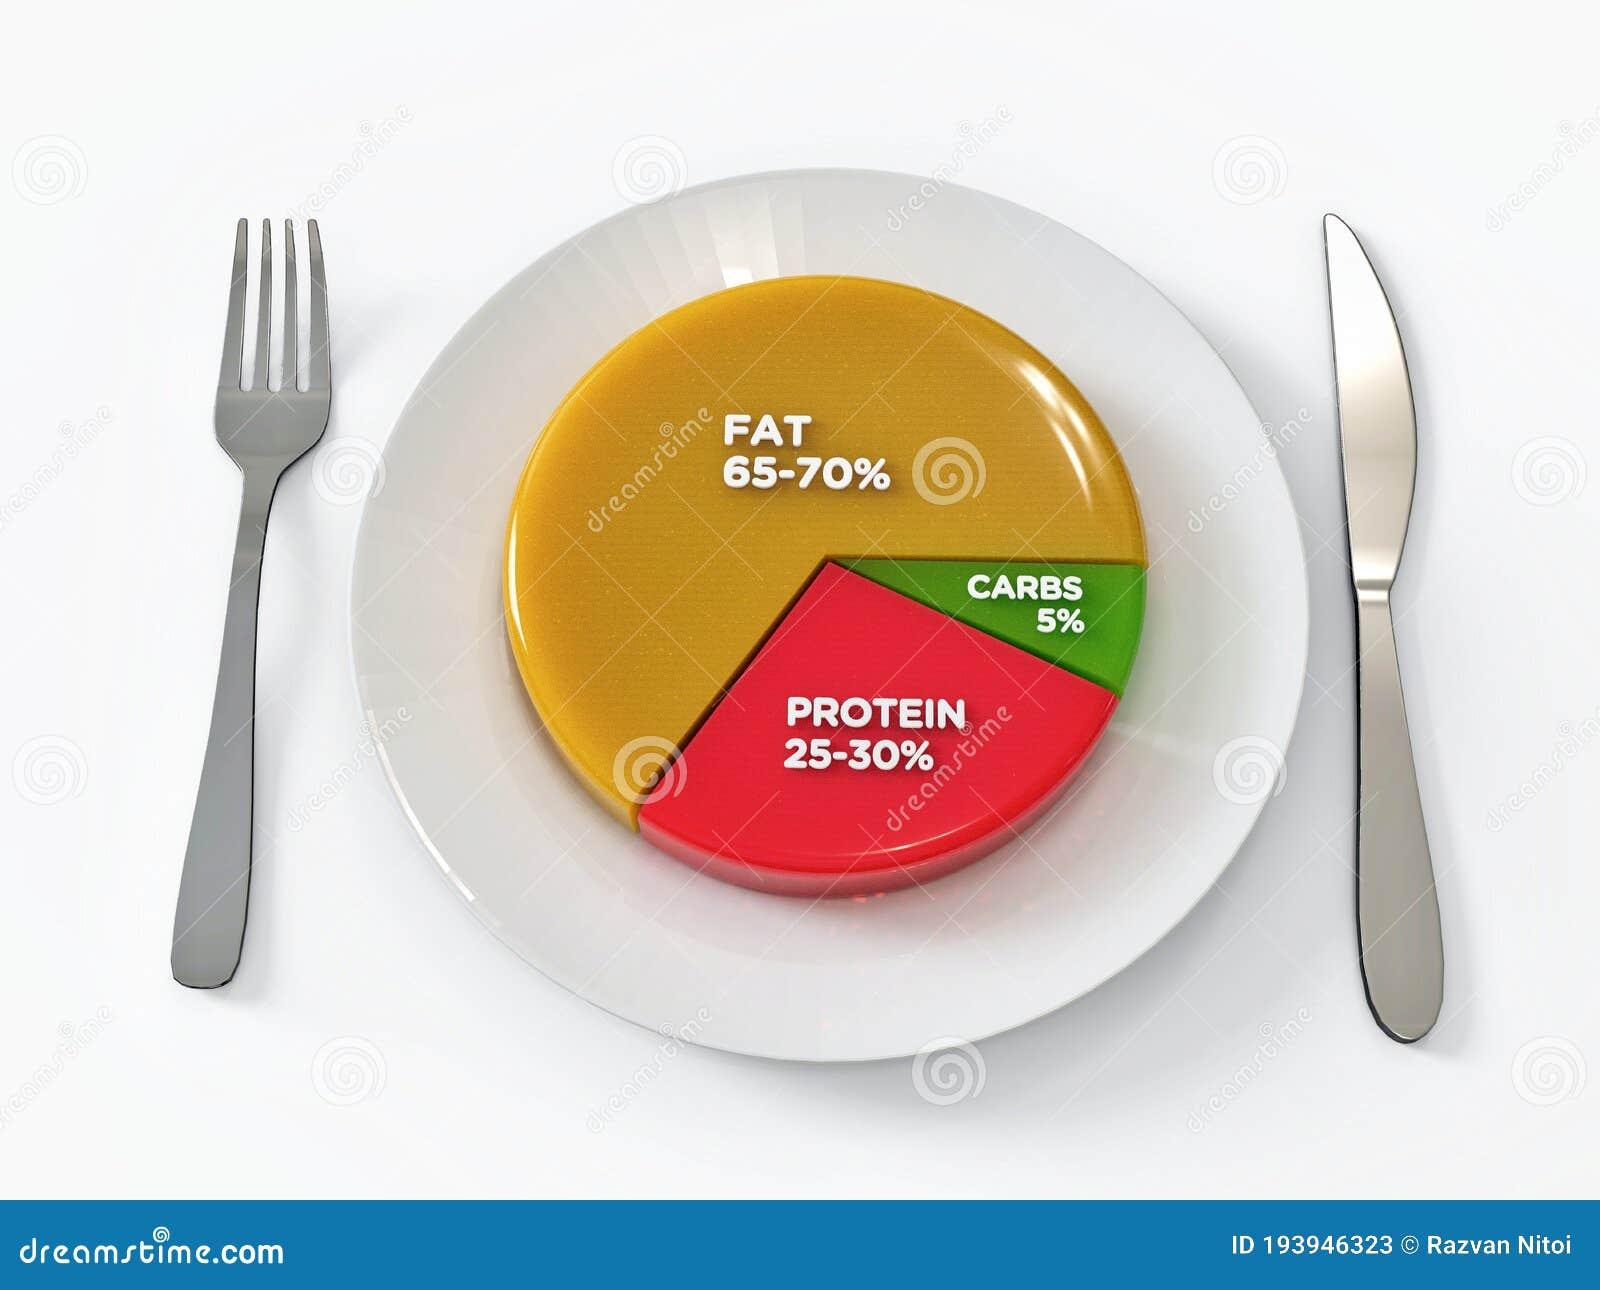 low carb diet percentage breakdown